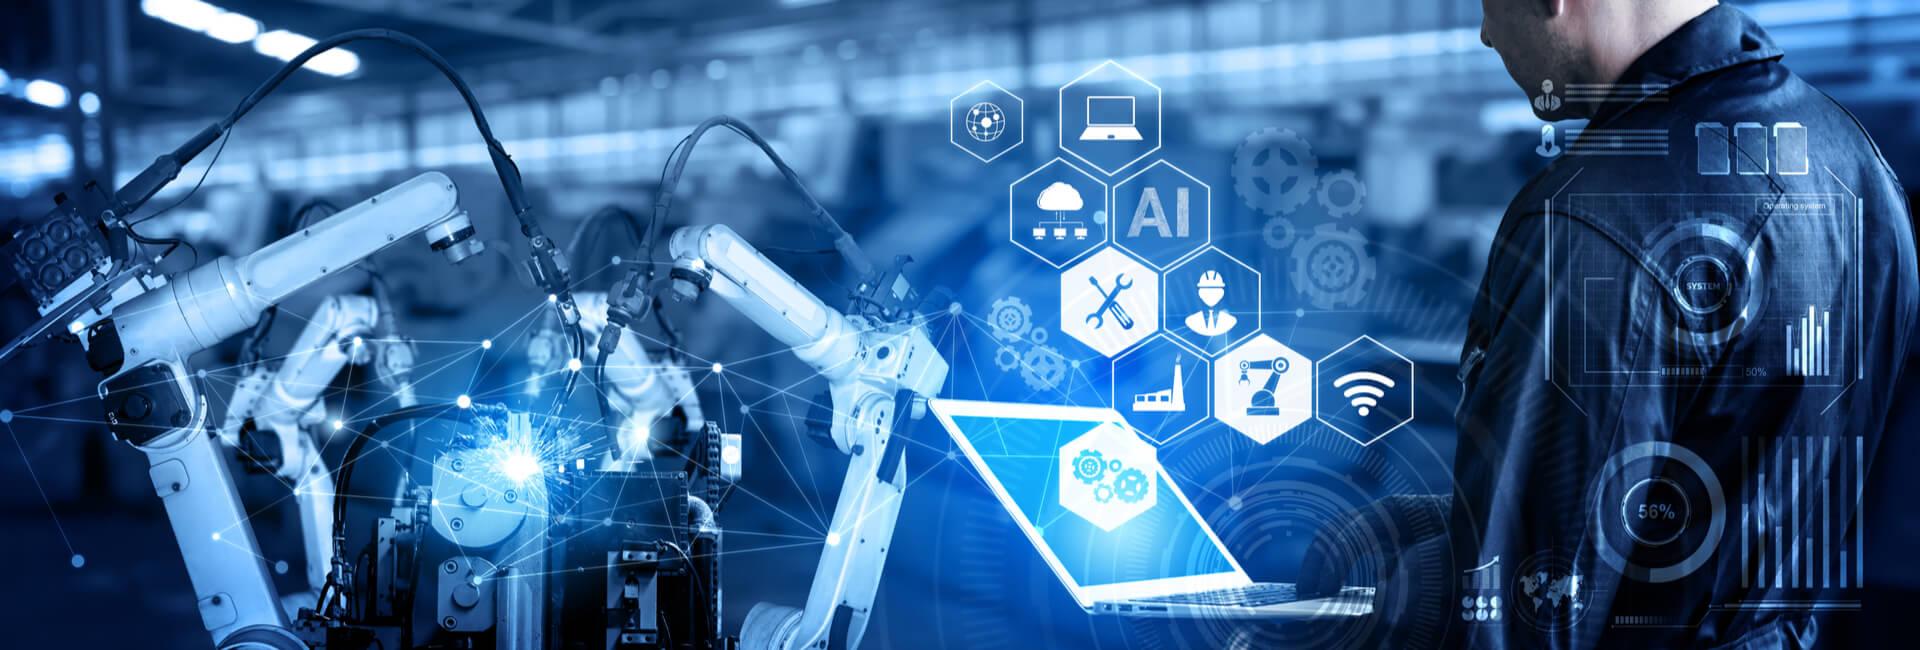 IIoT e sicurezza: come proteggere l'Industry 4.0 dalle cyberminacce